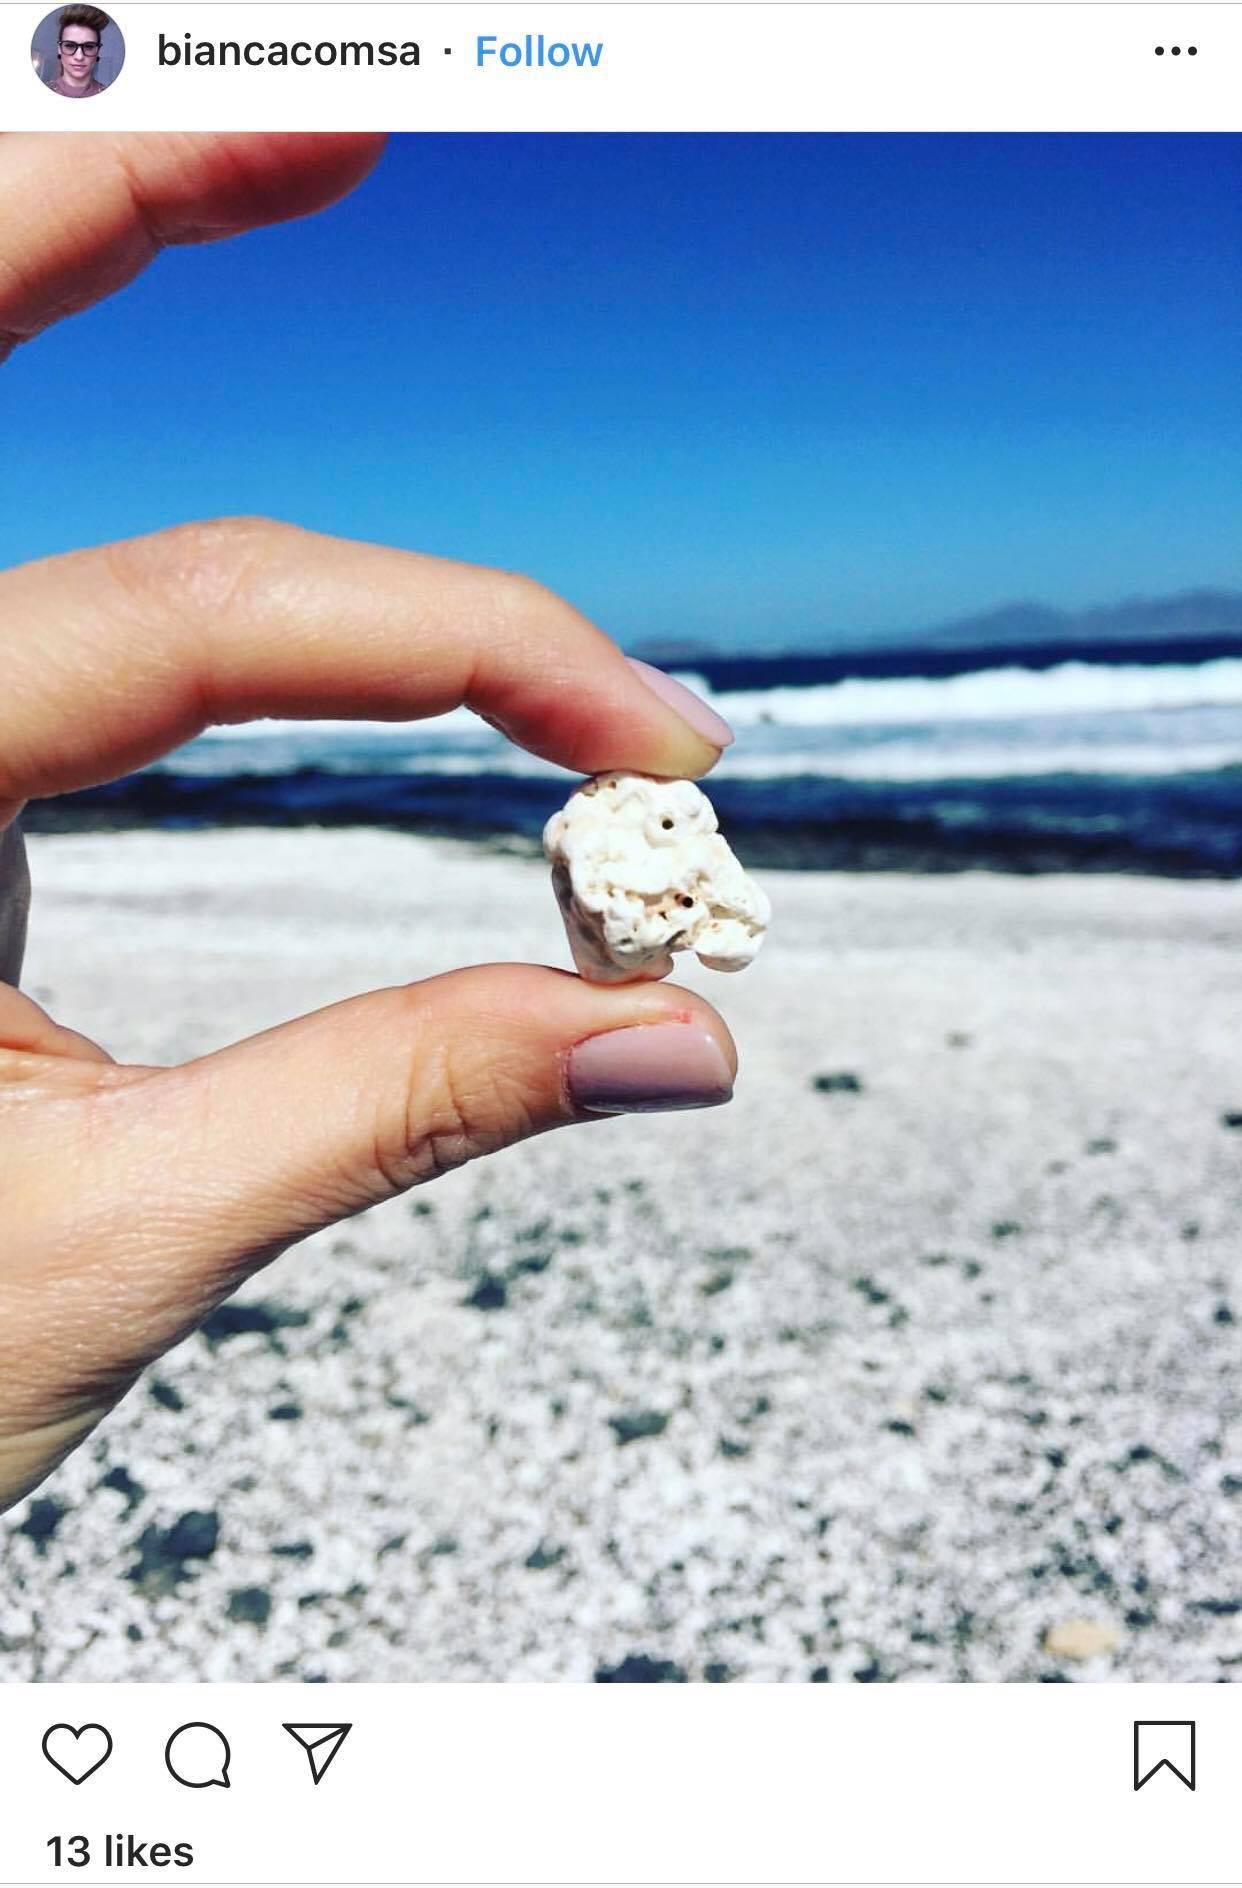 Bãi biển bỏng ngô nổi tiếng tại Tây Ban Nha: Trông hấp dẫn thế thôi chứ cắn vào là gãy răng ngay! - Ảnh 6.